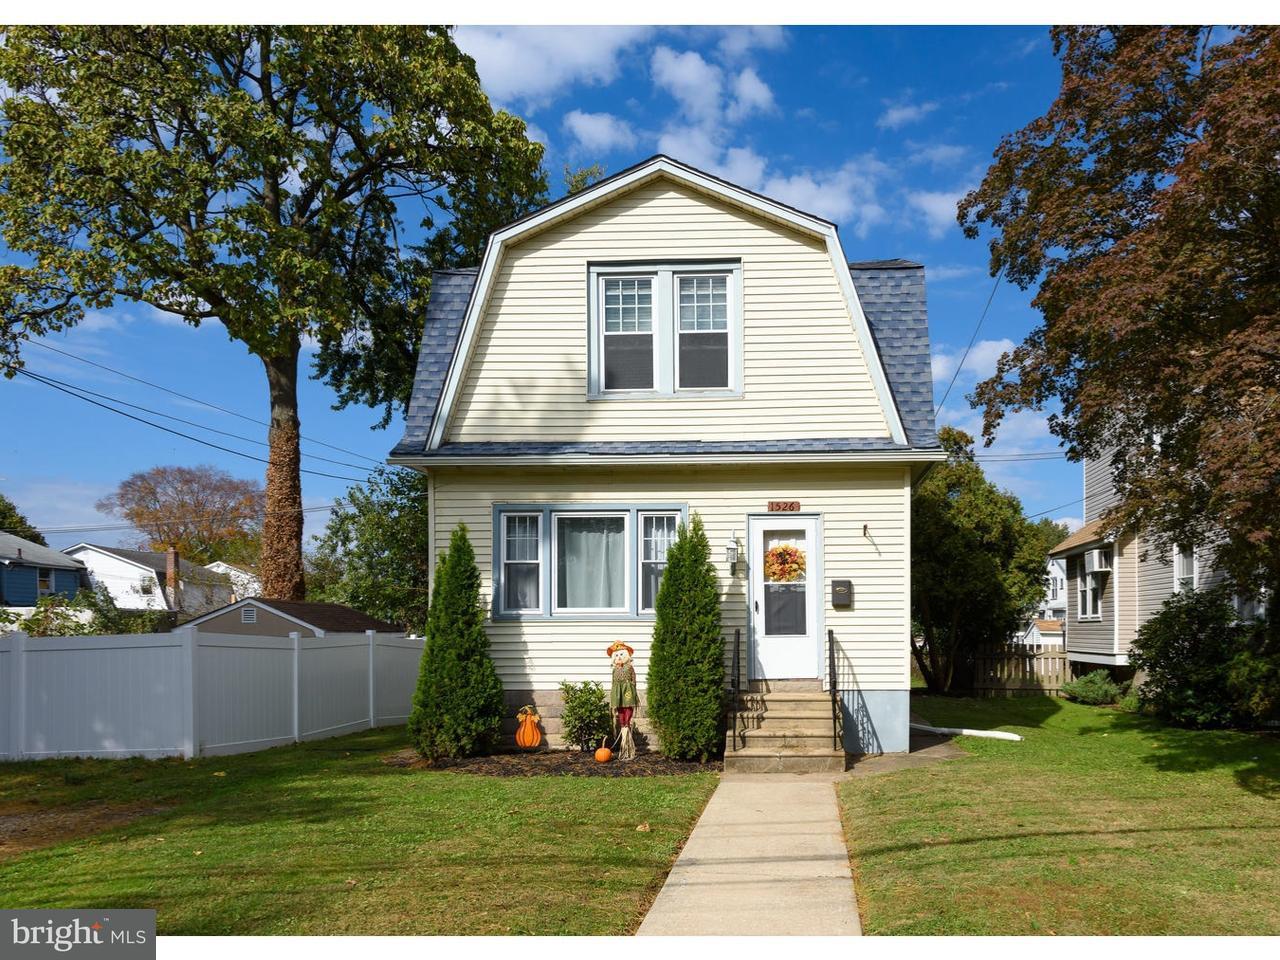 Maison unifamiliale pour l Vente à 1526 VIRGINIA Avenue Folcroft, Pennsylvanie 19032 États-Unis